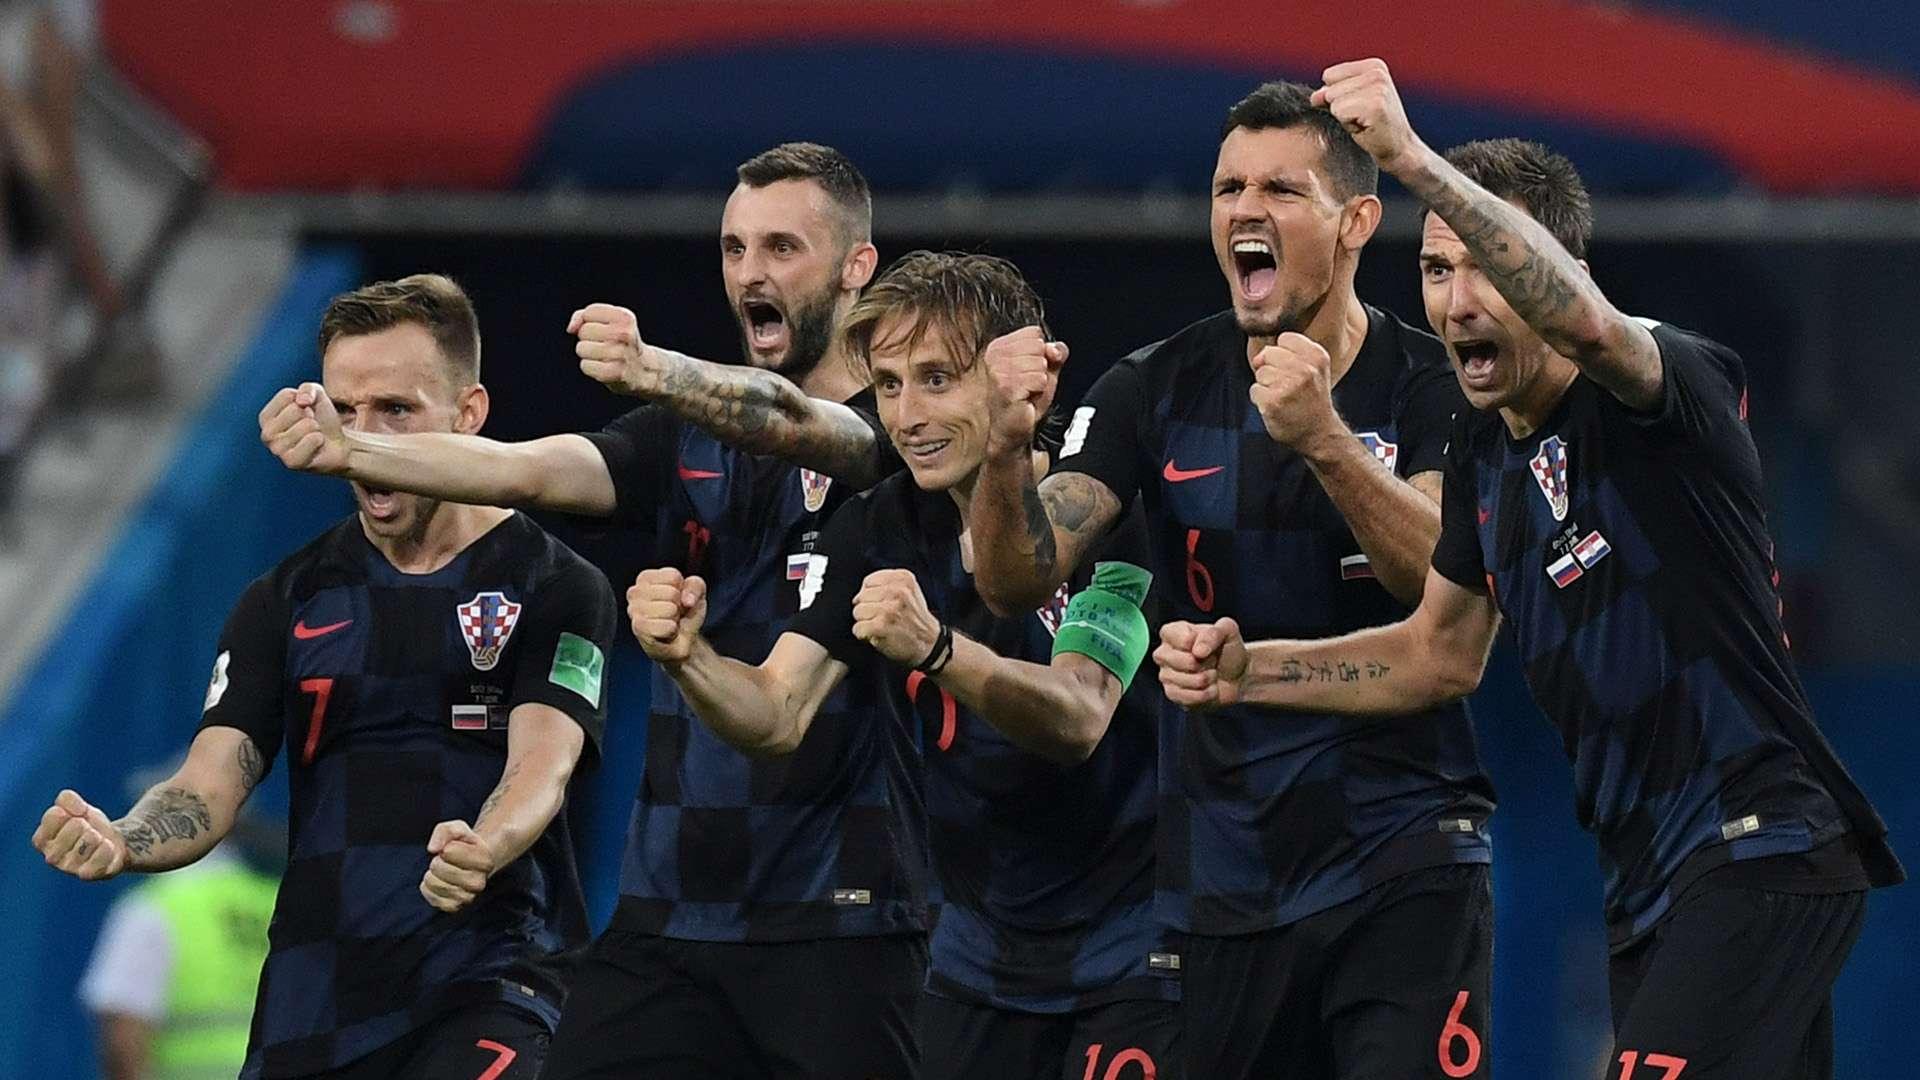 تیم ملی کرواسی,اخبار فوتبال,خبرهای فوتبال,جام جهانی